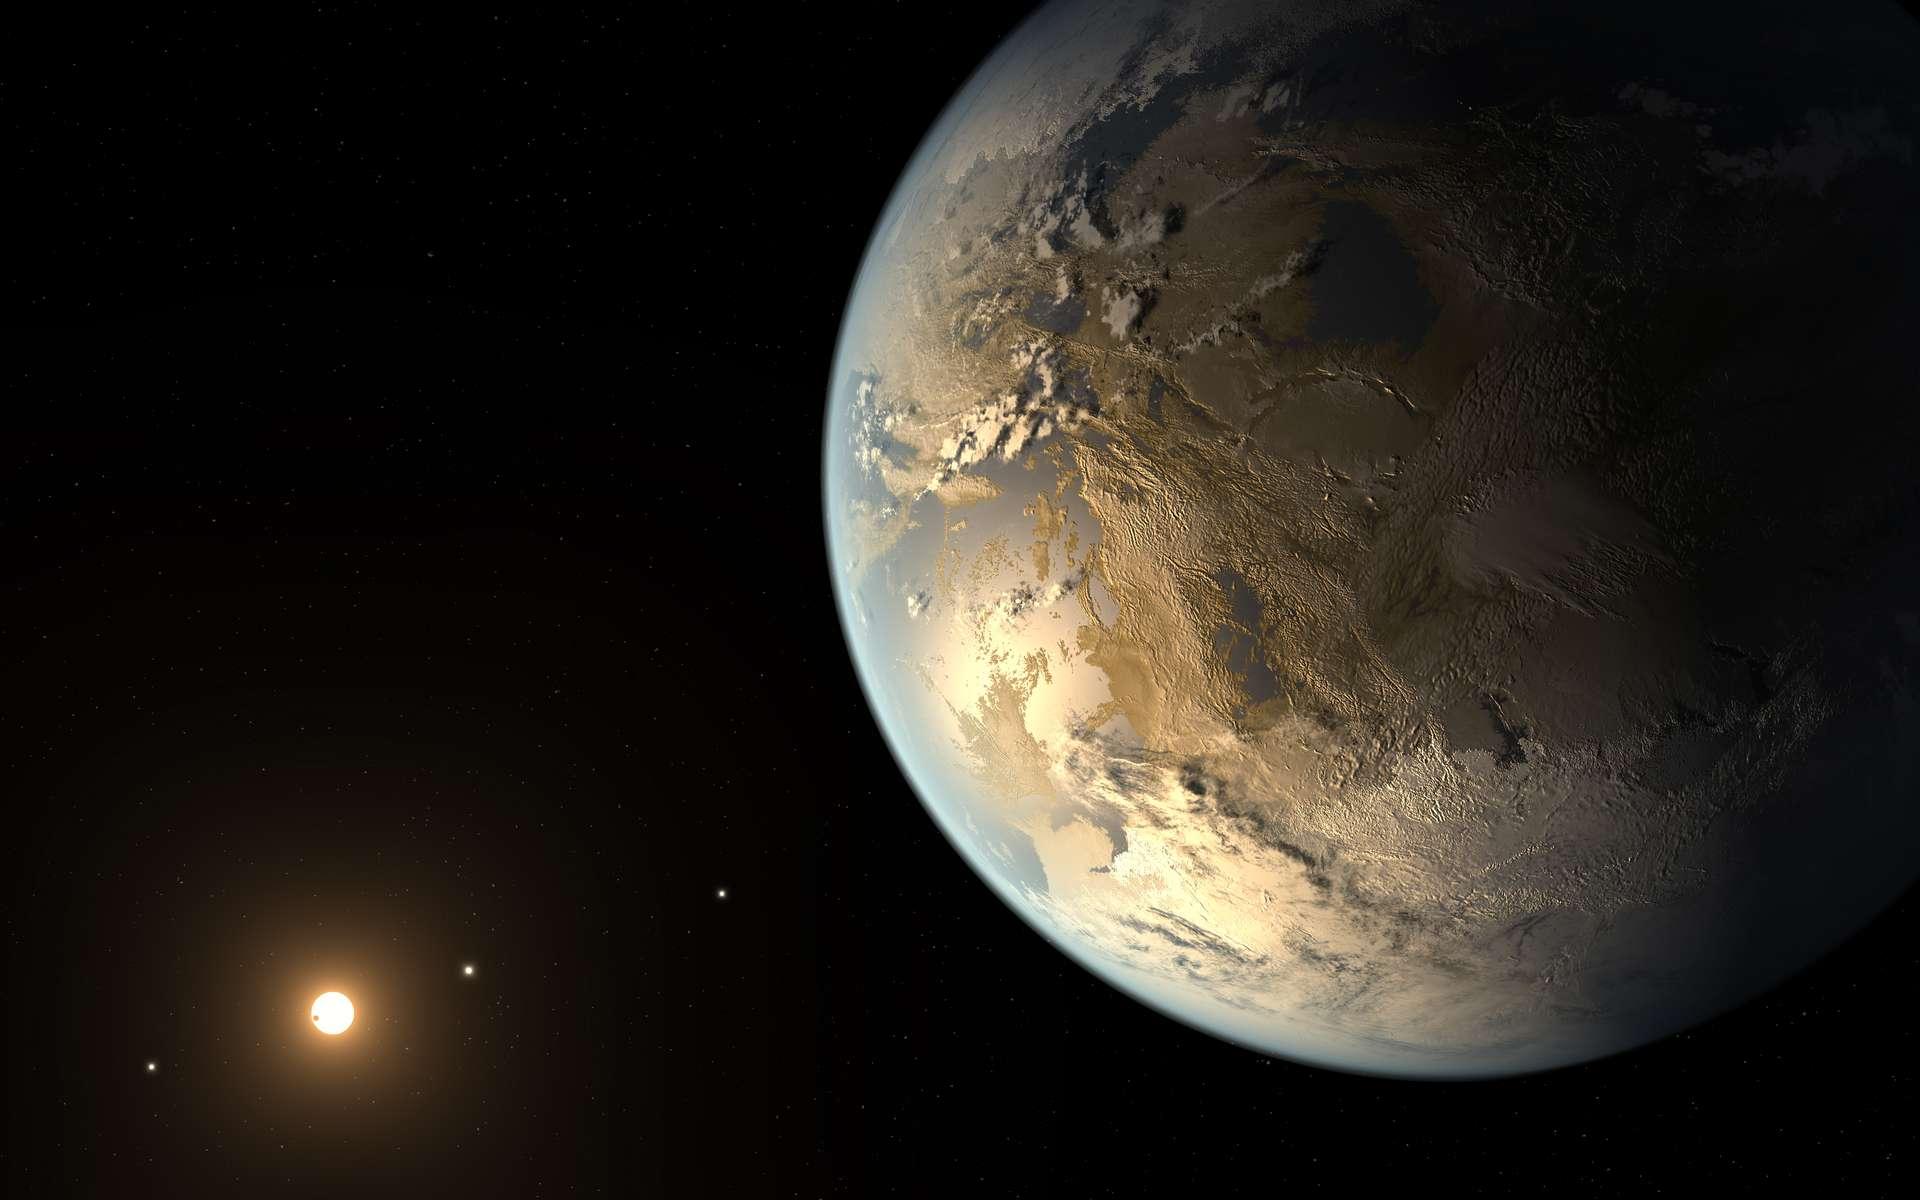 De la taille de la Terre, Kepler-186f gravite dans la zone habitable de son soleil. © Nasa Ames, JPL-Caltech, T. Pyle